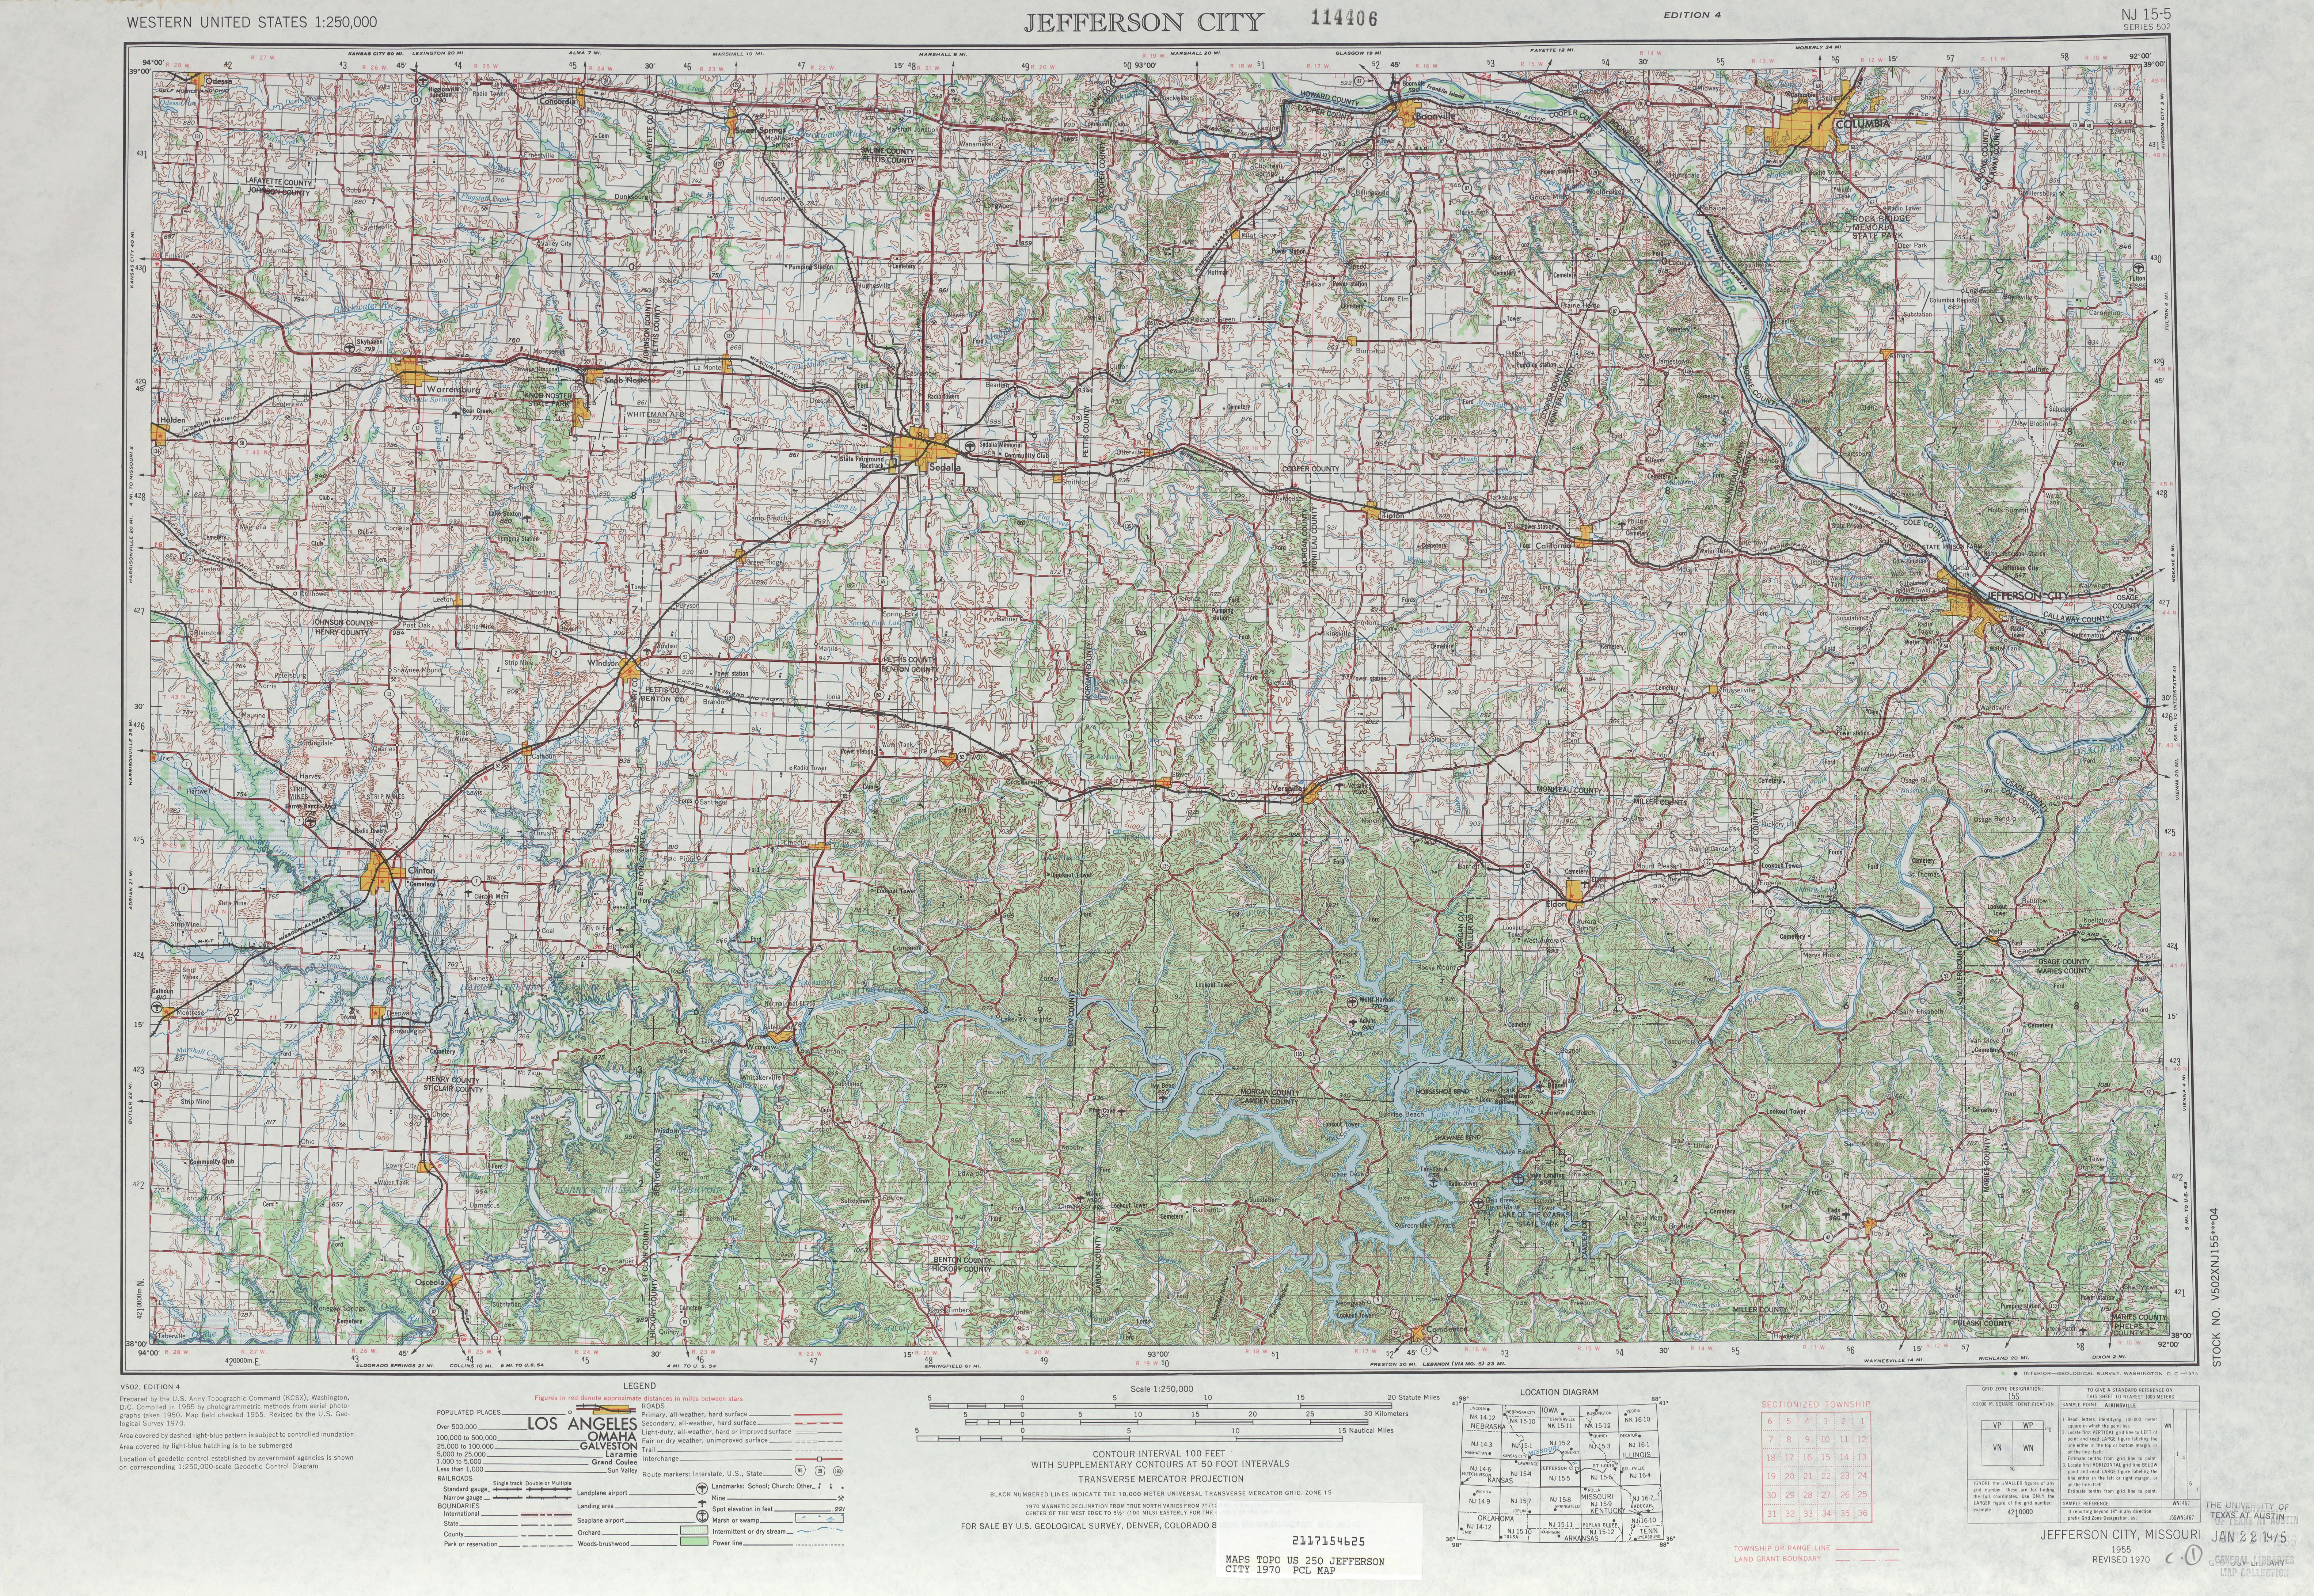 Hoja Jefferson City del Mapa Topográfico de los Estados Unidos 1970